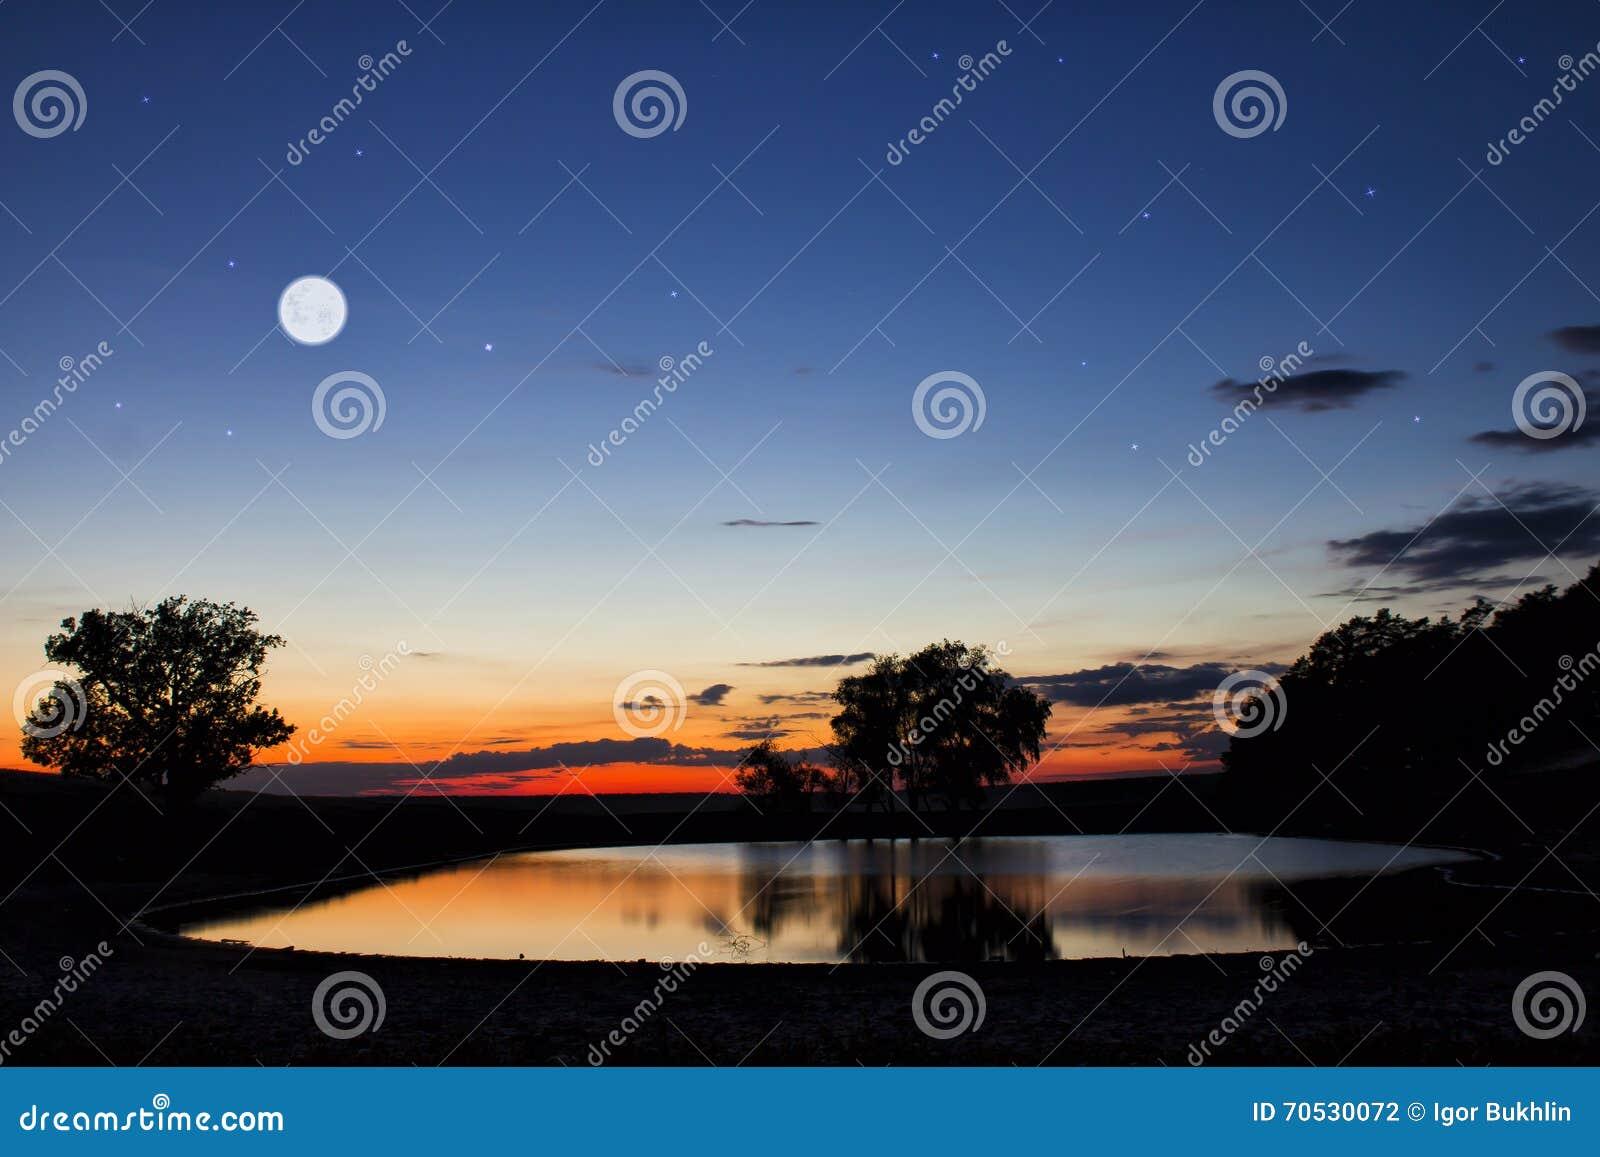 Озеро древесин в горах на заходе солнца